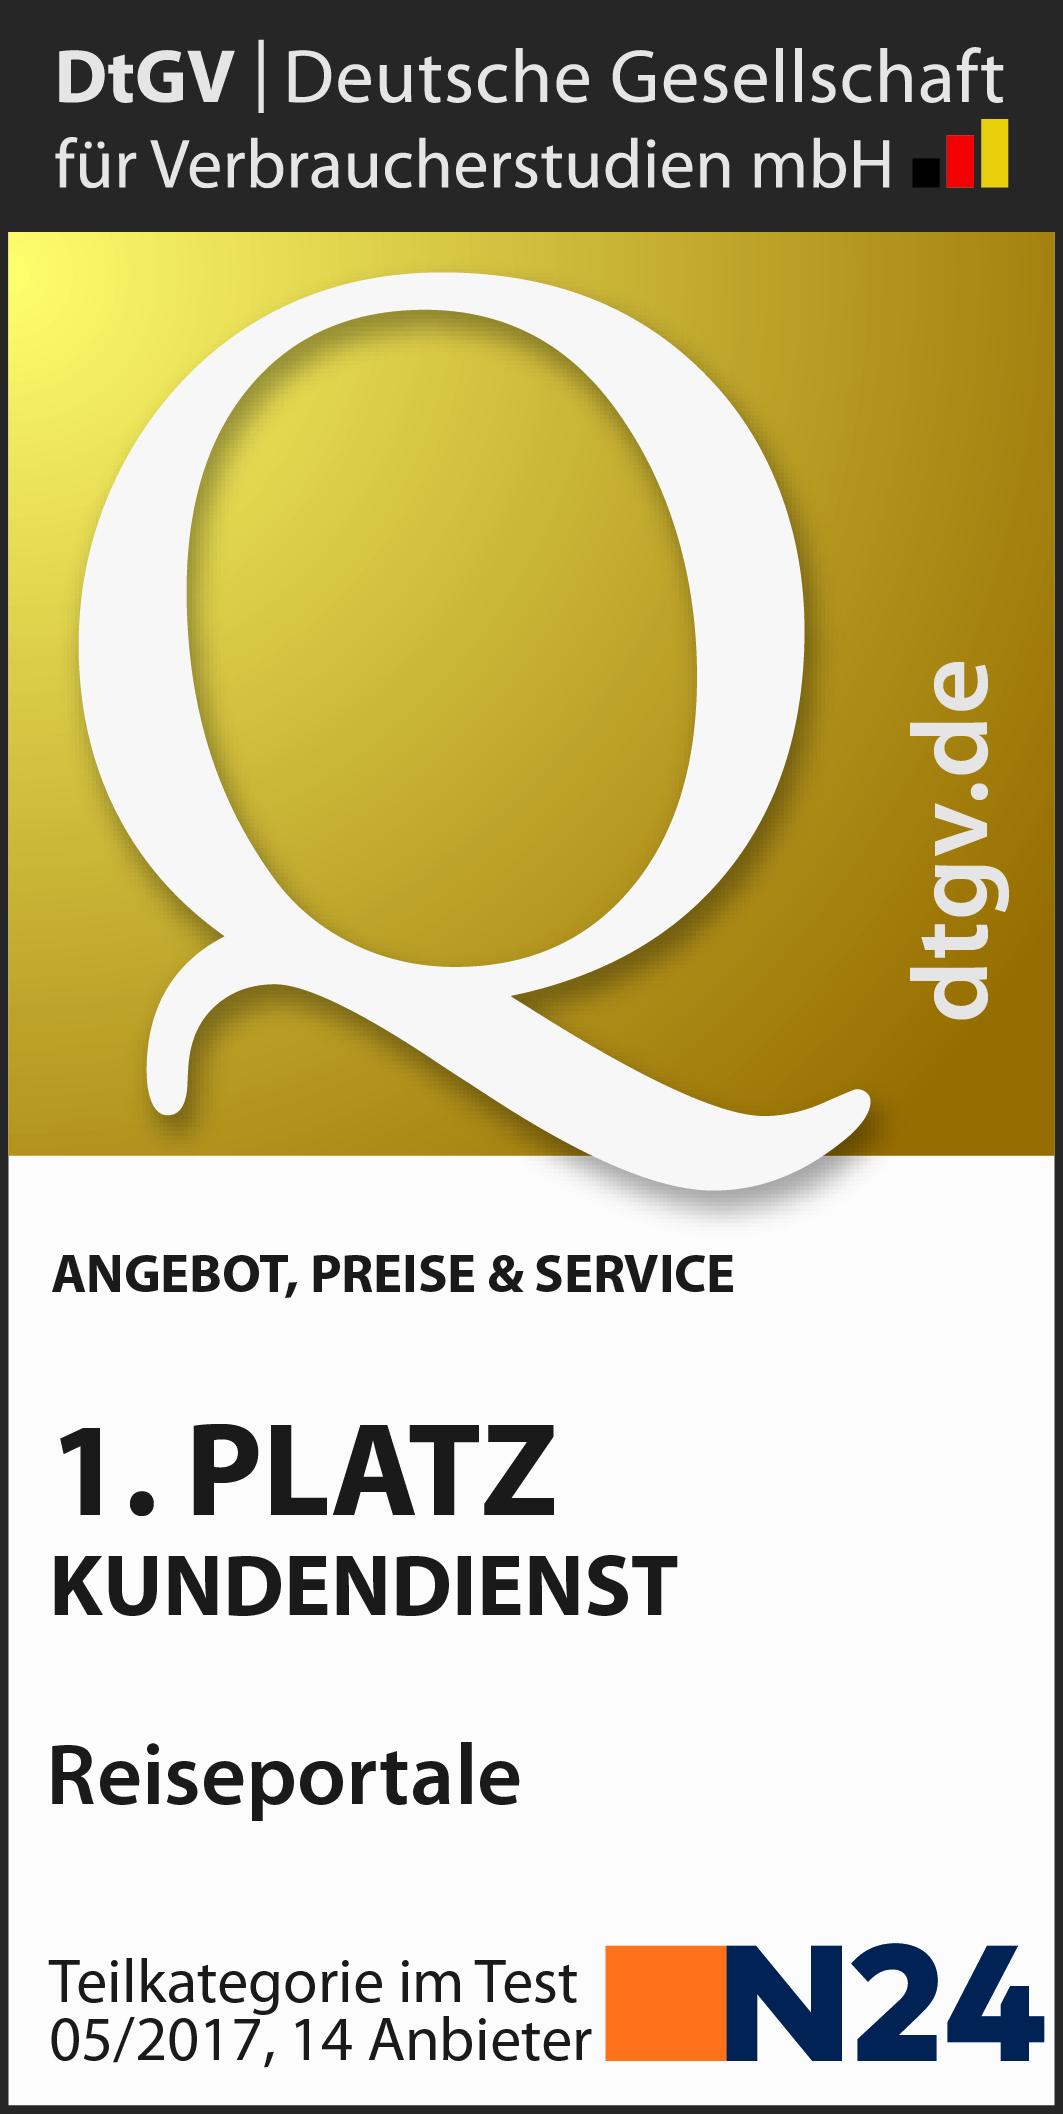 lastminute.de ist Testsieger im Bereich Kundendienst & erreicht den 2. Platz (1,3 sehr gut) unter allen 14 getesteten Reisportalen